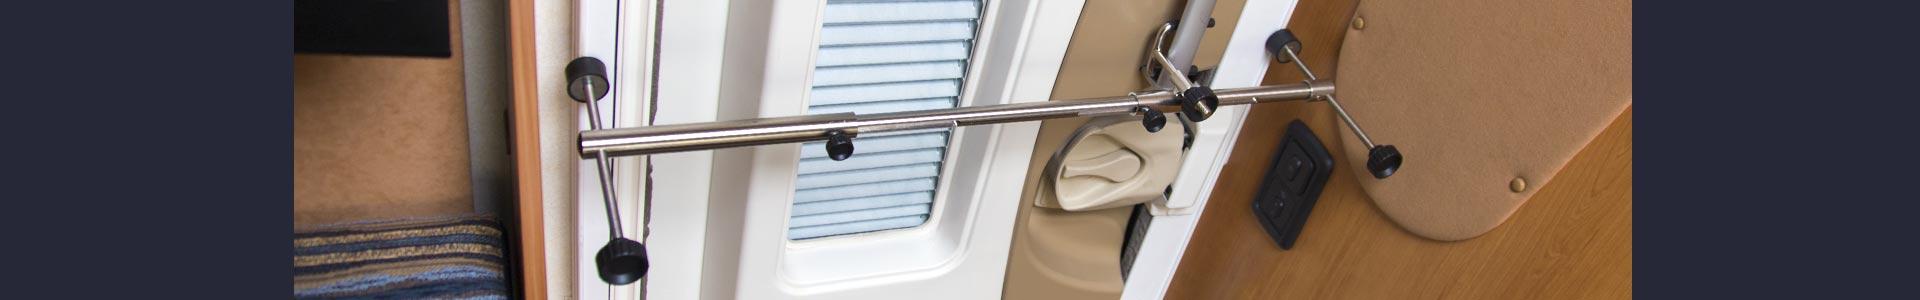 Nem montage af CamperLock på dørkarm, forhindre alle indbrud i campingvogn eller autocamper